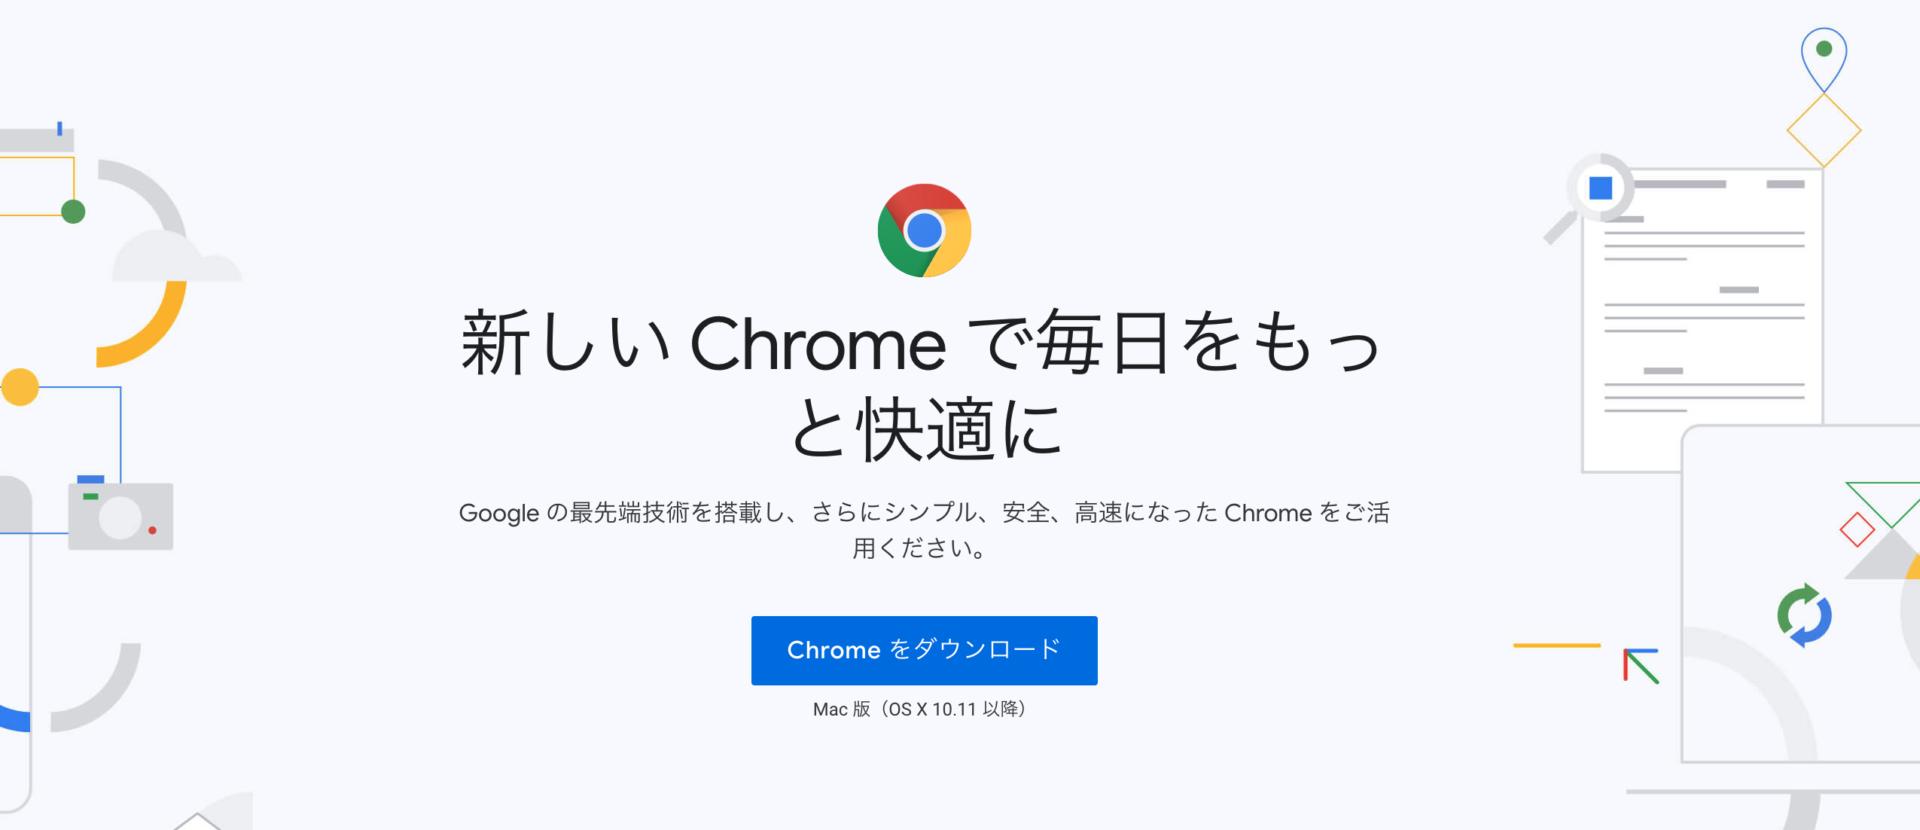 Chromeのダウンロード画面